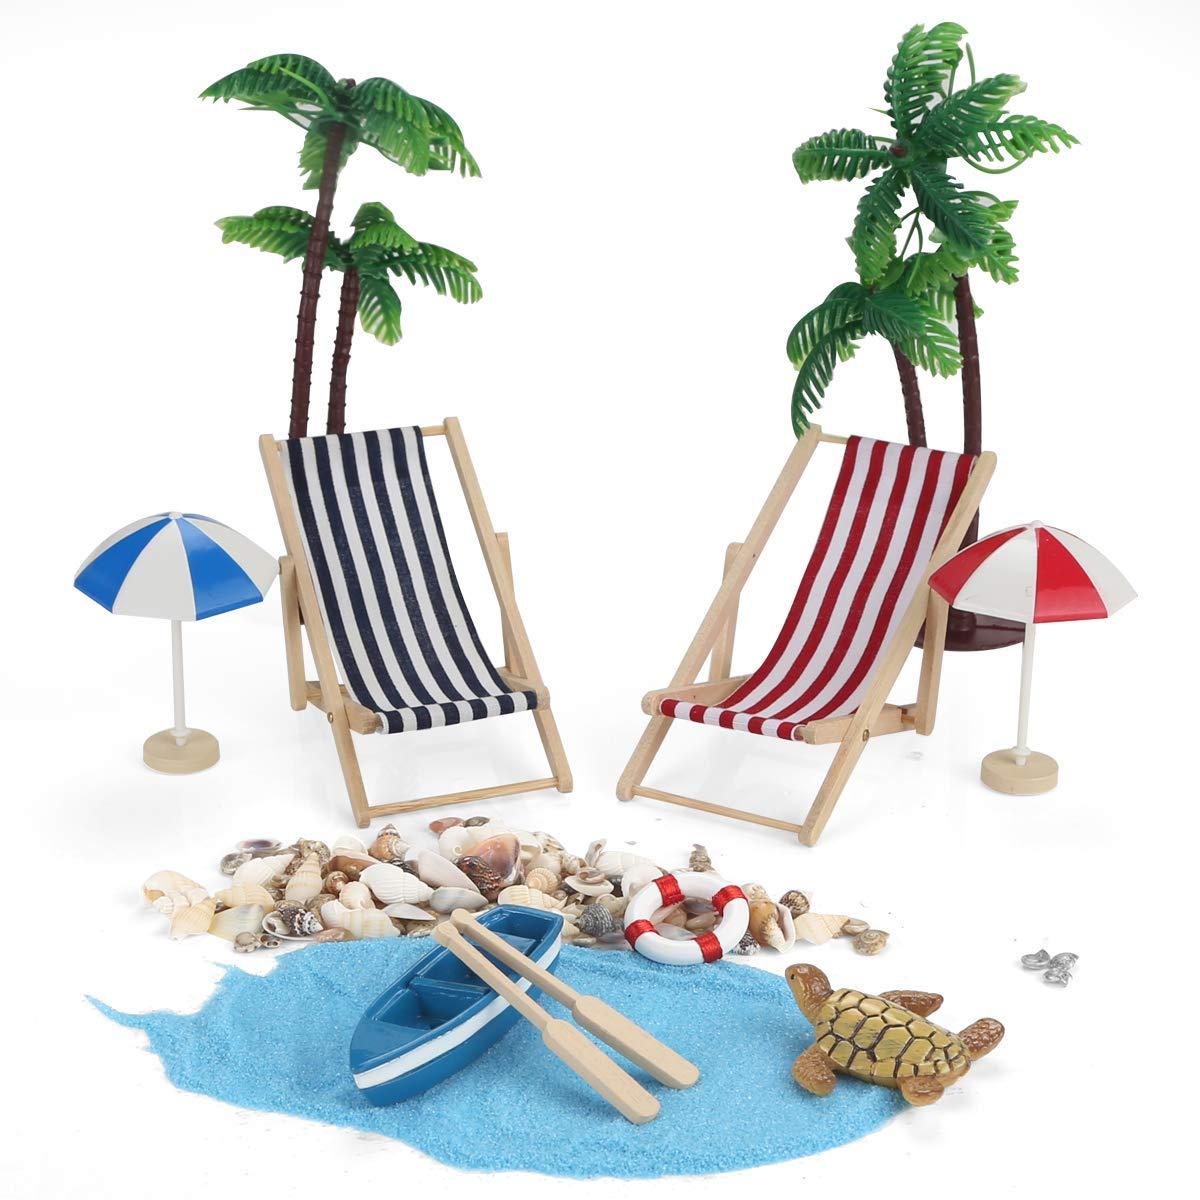 Ailiebhaus 12 Stk Strand Mikrolandschaft Miniliegestuhl Sonnenschirm